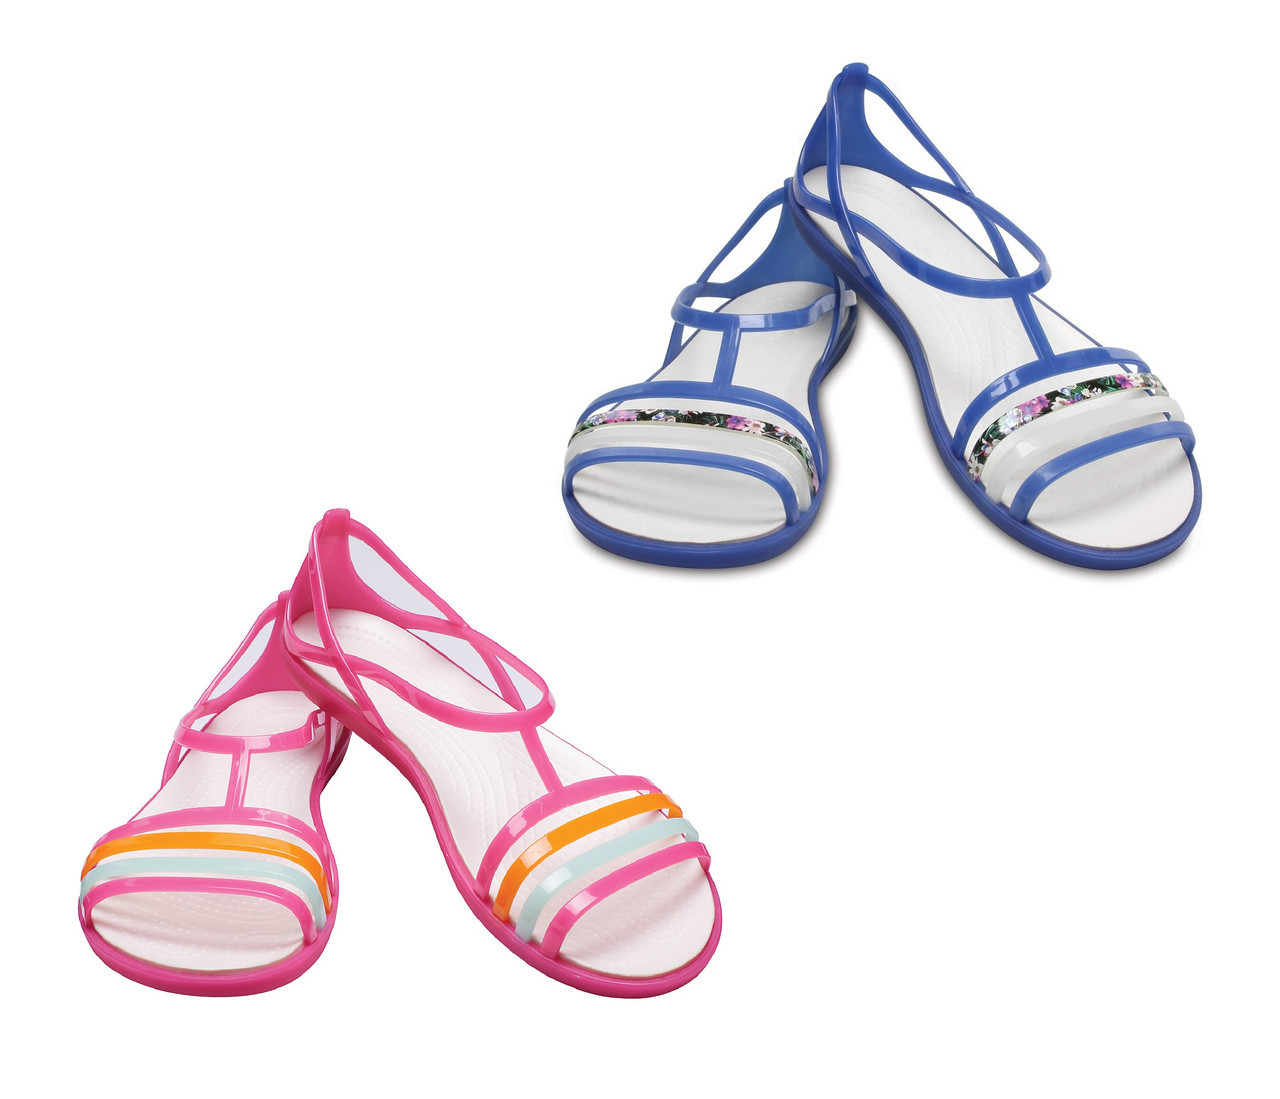 Босоножки женские балетки Кроксы Изабелла оригинал / Crocs Women's Isabella Sandal, фото 1